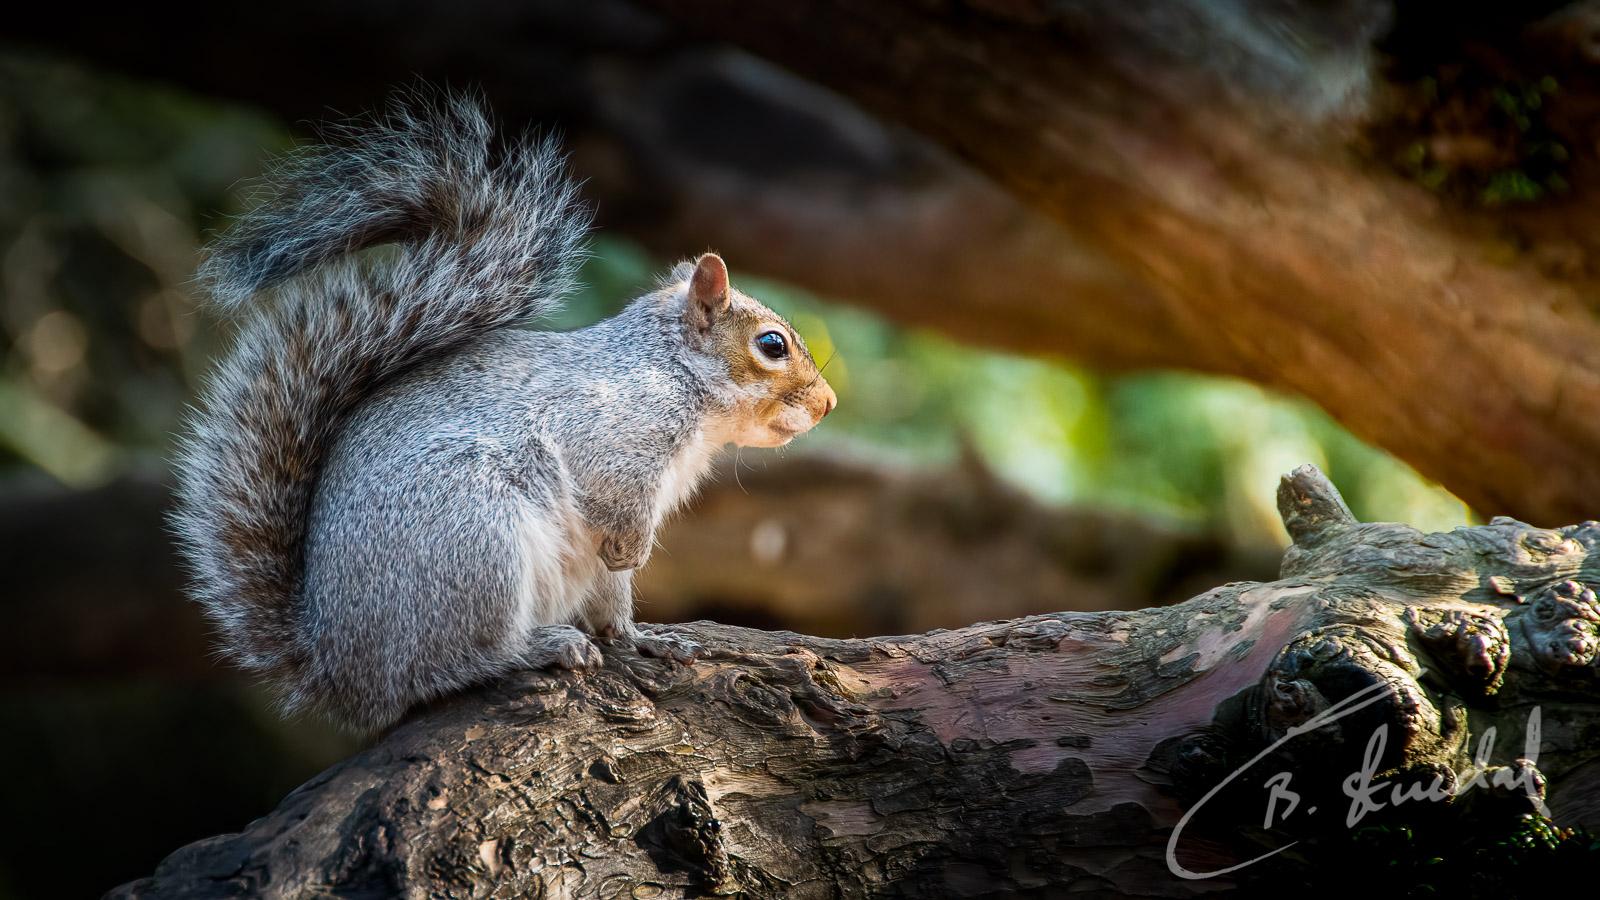 Squirrel in sunset